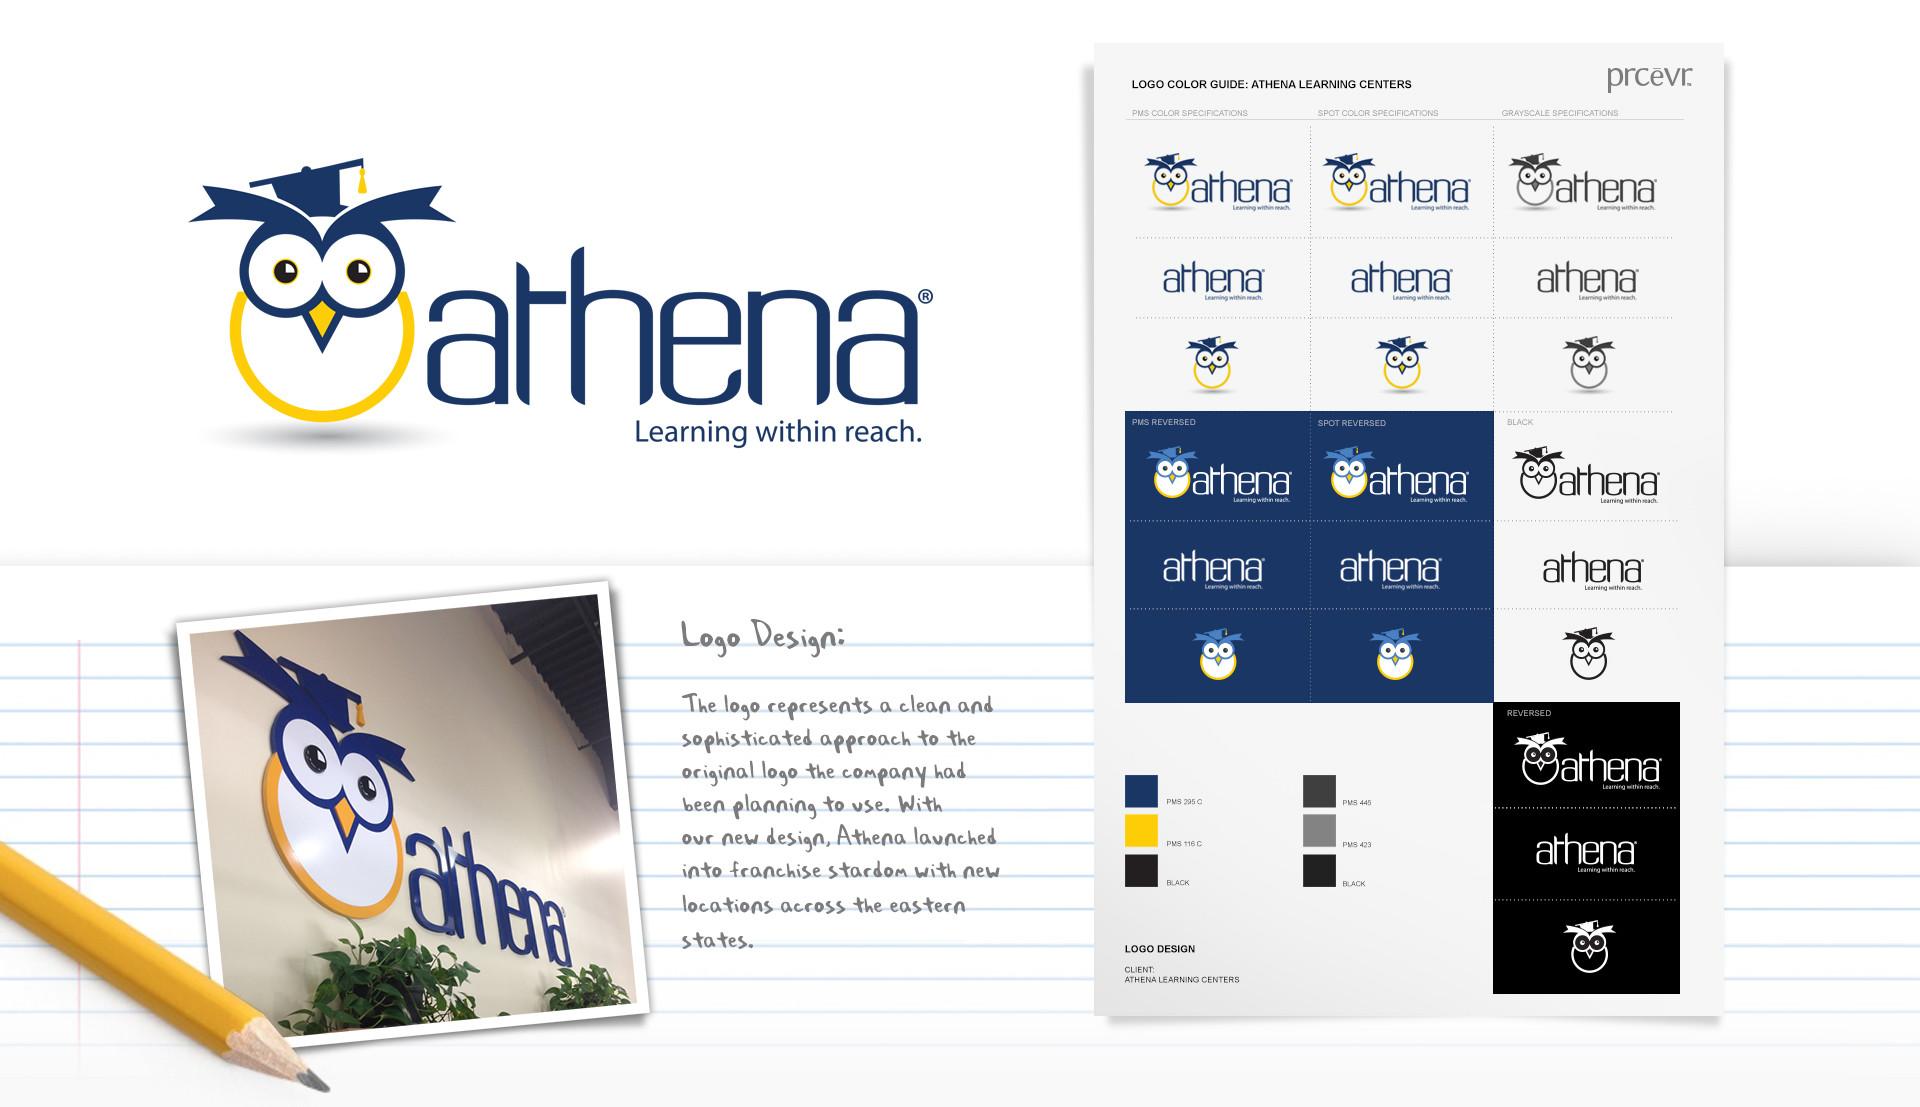 athena1-logo